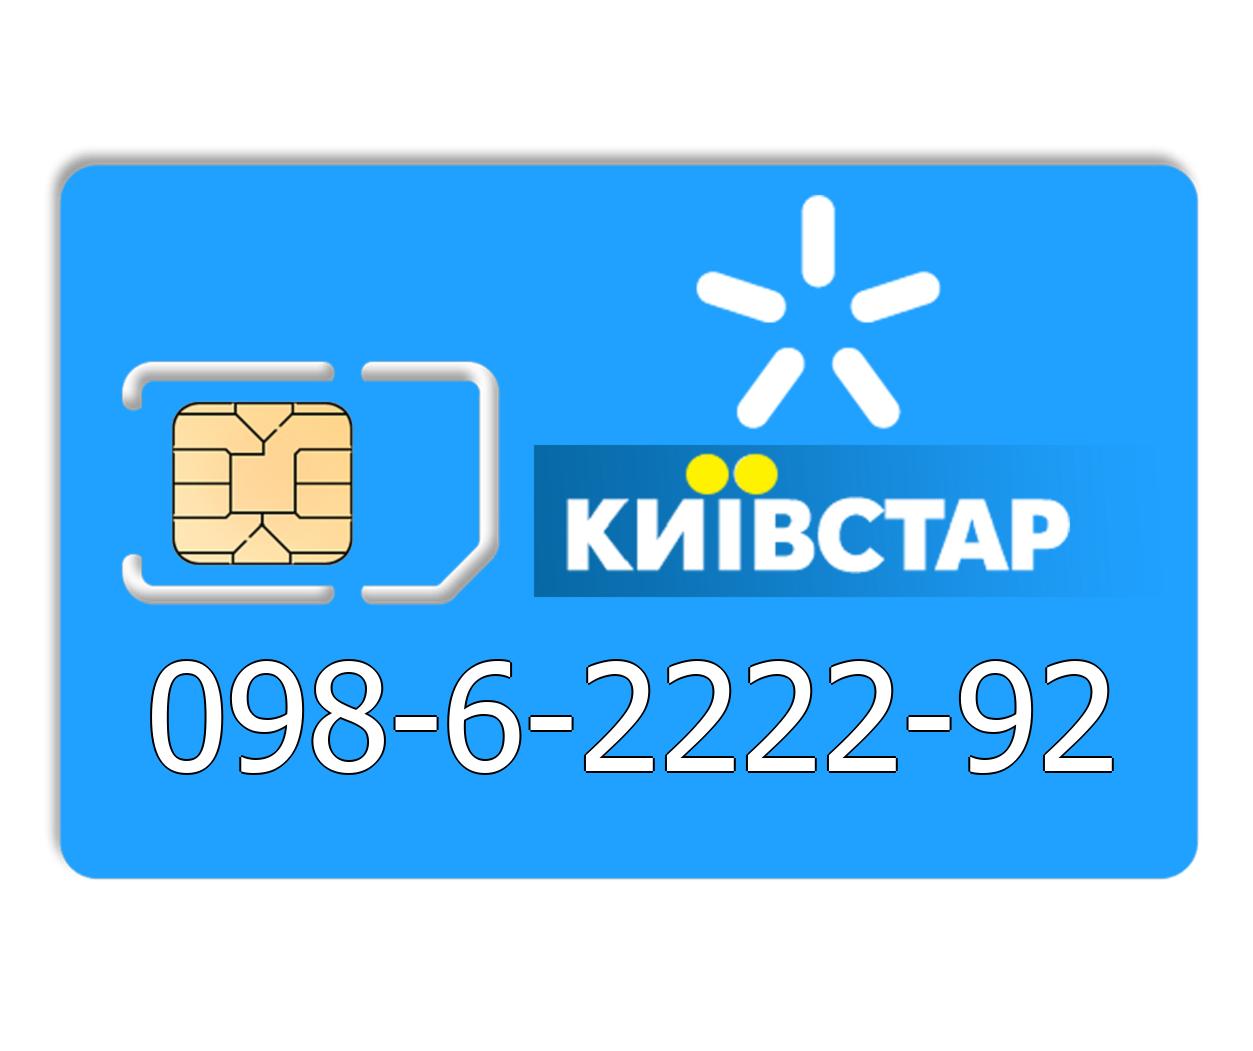 Красивый номер Киевстар 098-6-2222-92